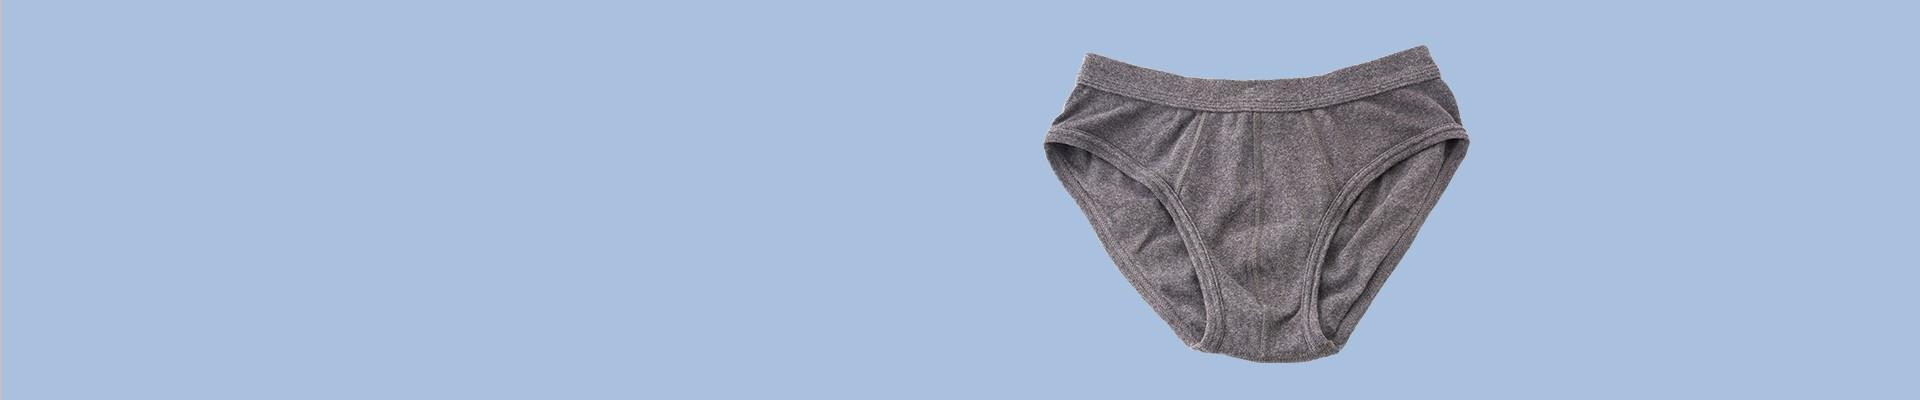 Jual Celana Dalam Pria / Underwear Pria Terbaru - Harga Murah